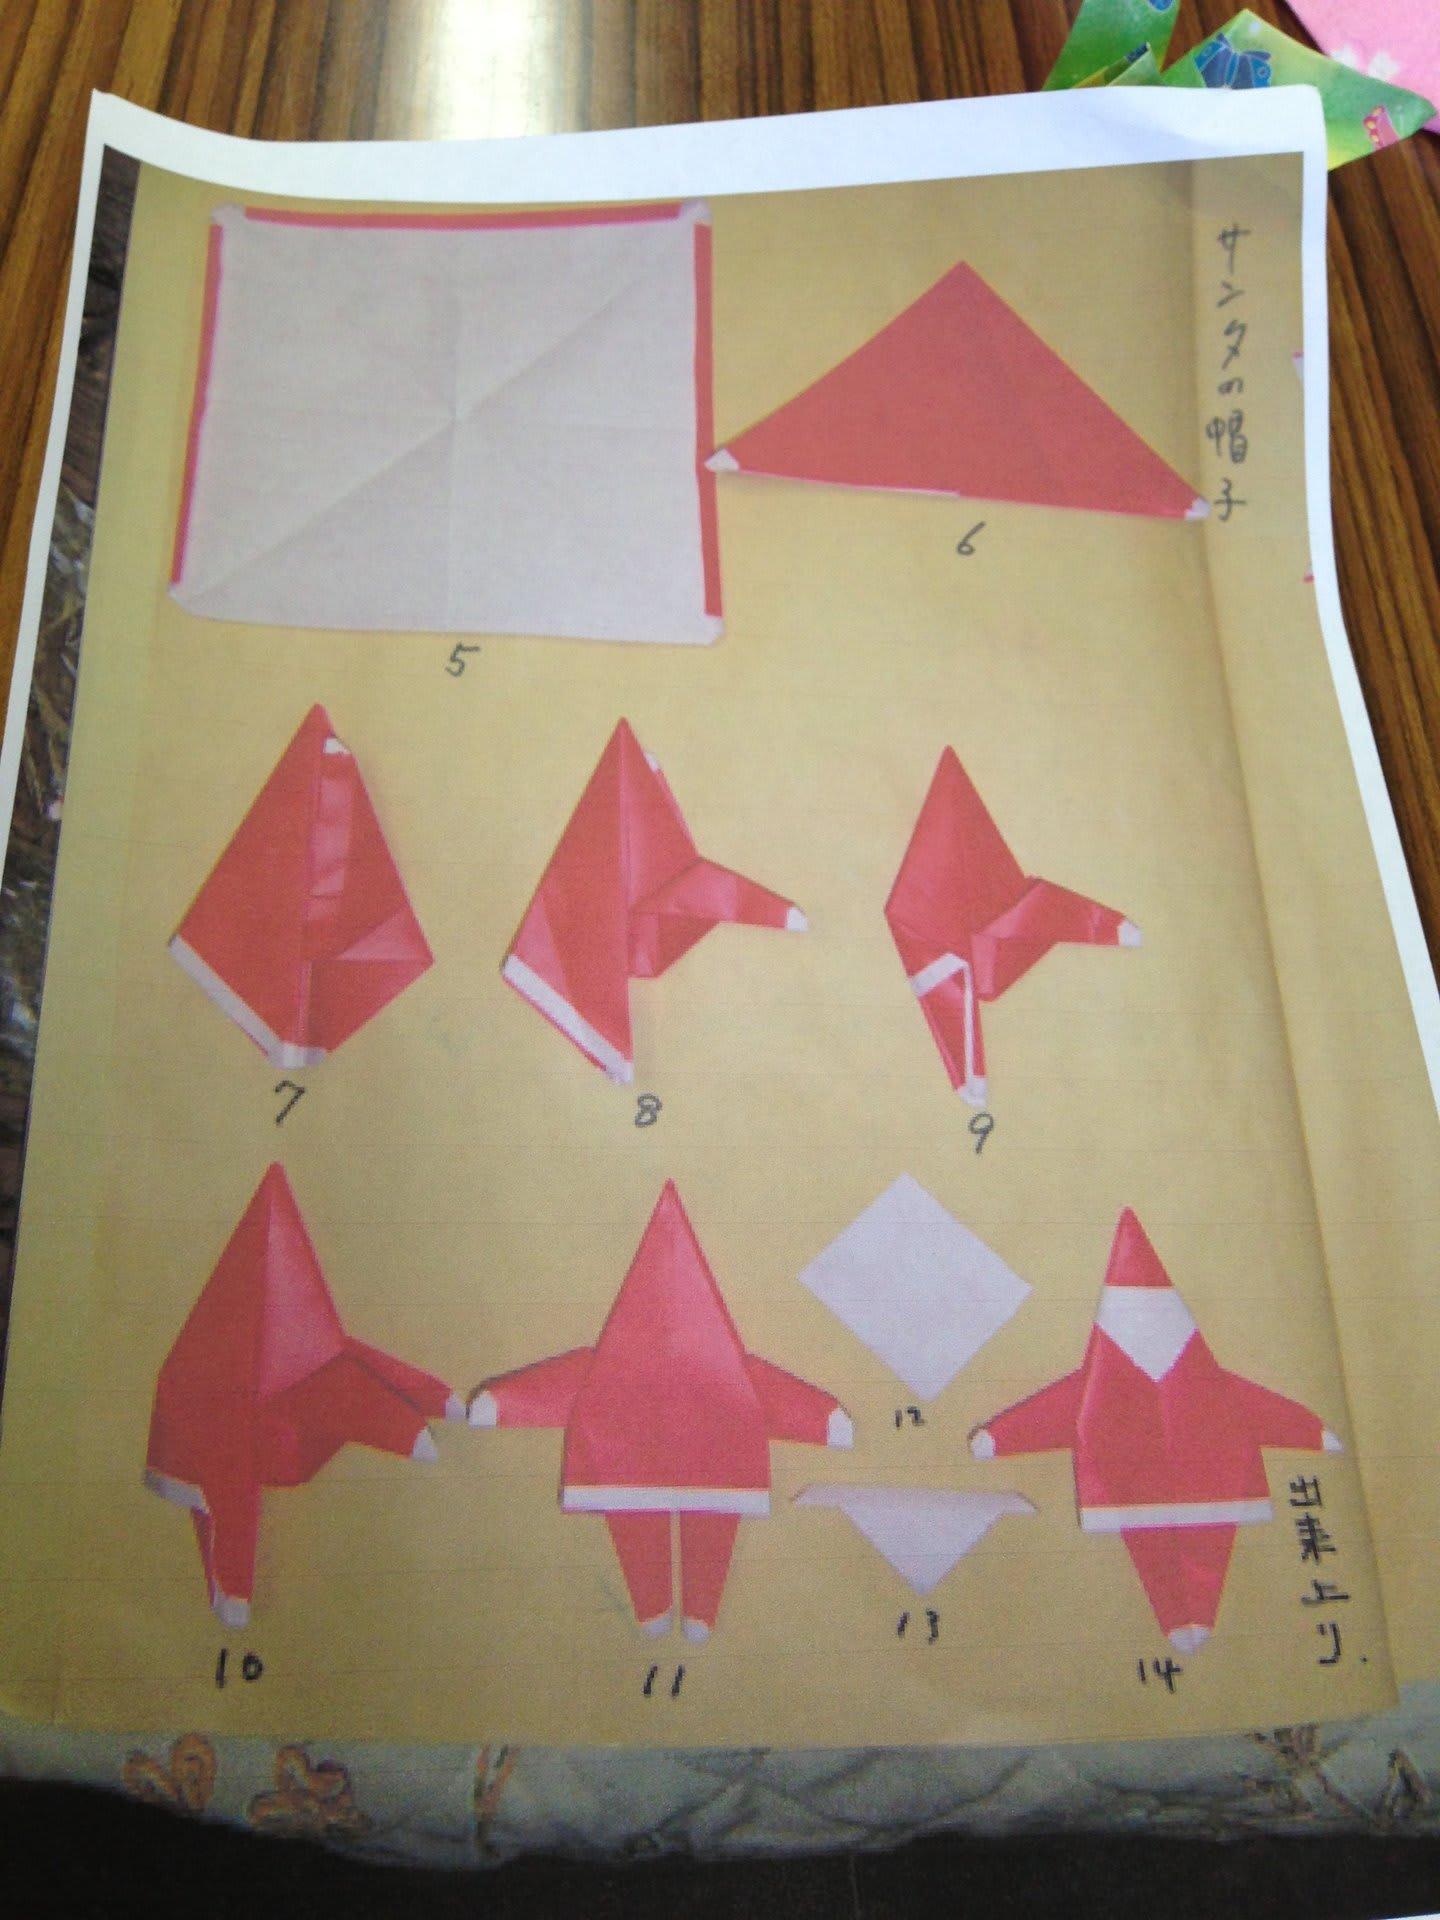 すべての折り紙 折り紙 ゴミ箱 チラシ : 折り紙のサンタクロースの折り ...